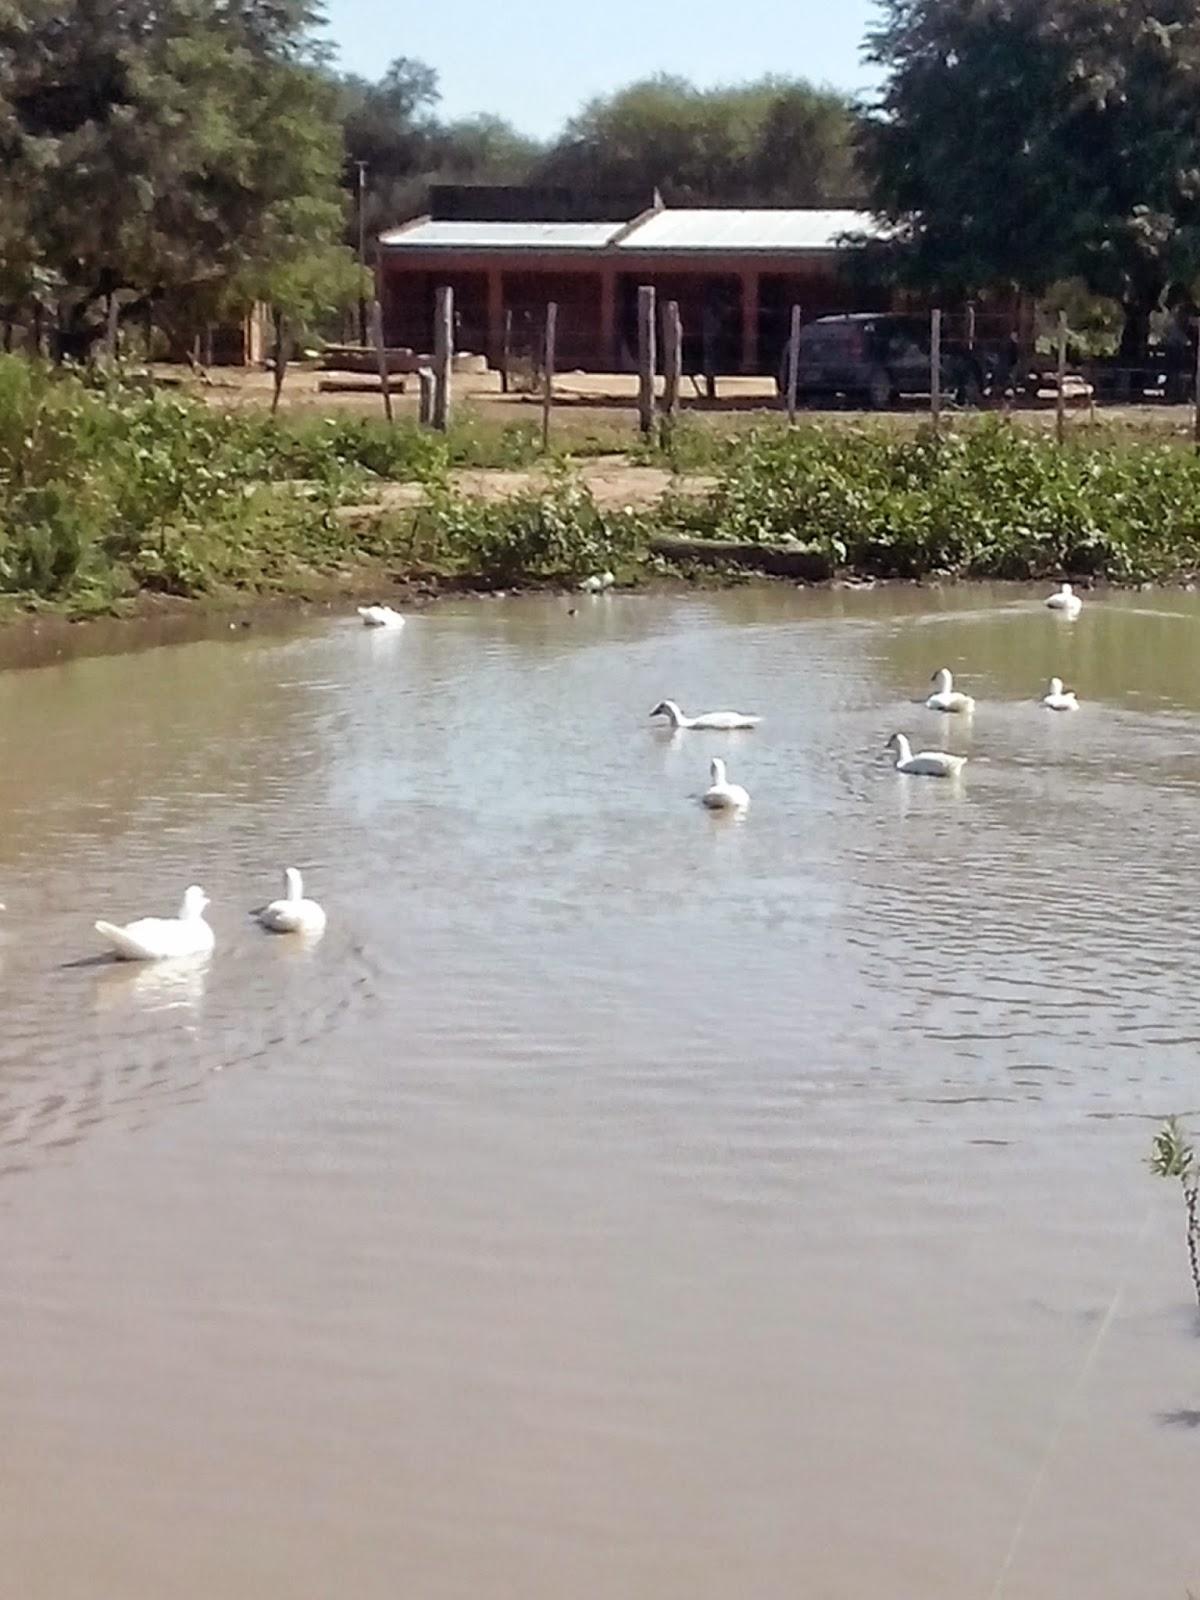 Astyanax bimaculatus proyecto de piscicultura rural con for Proyecto de piscicultura mojarra roja